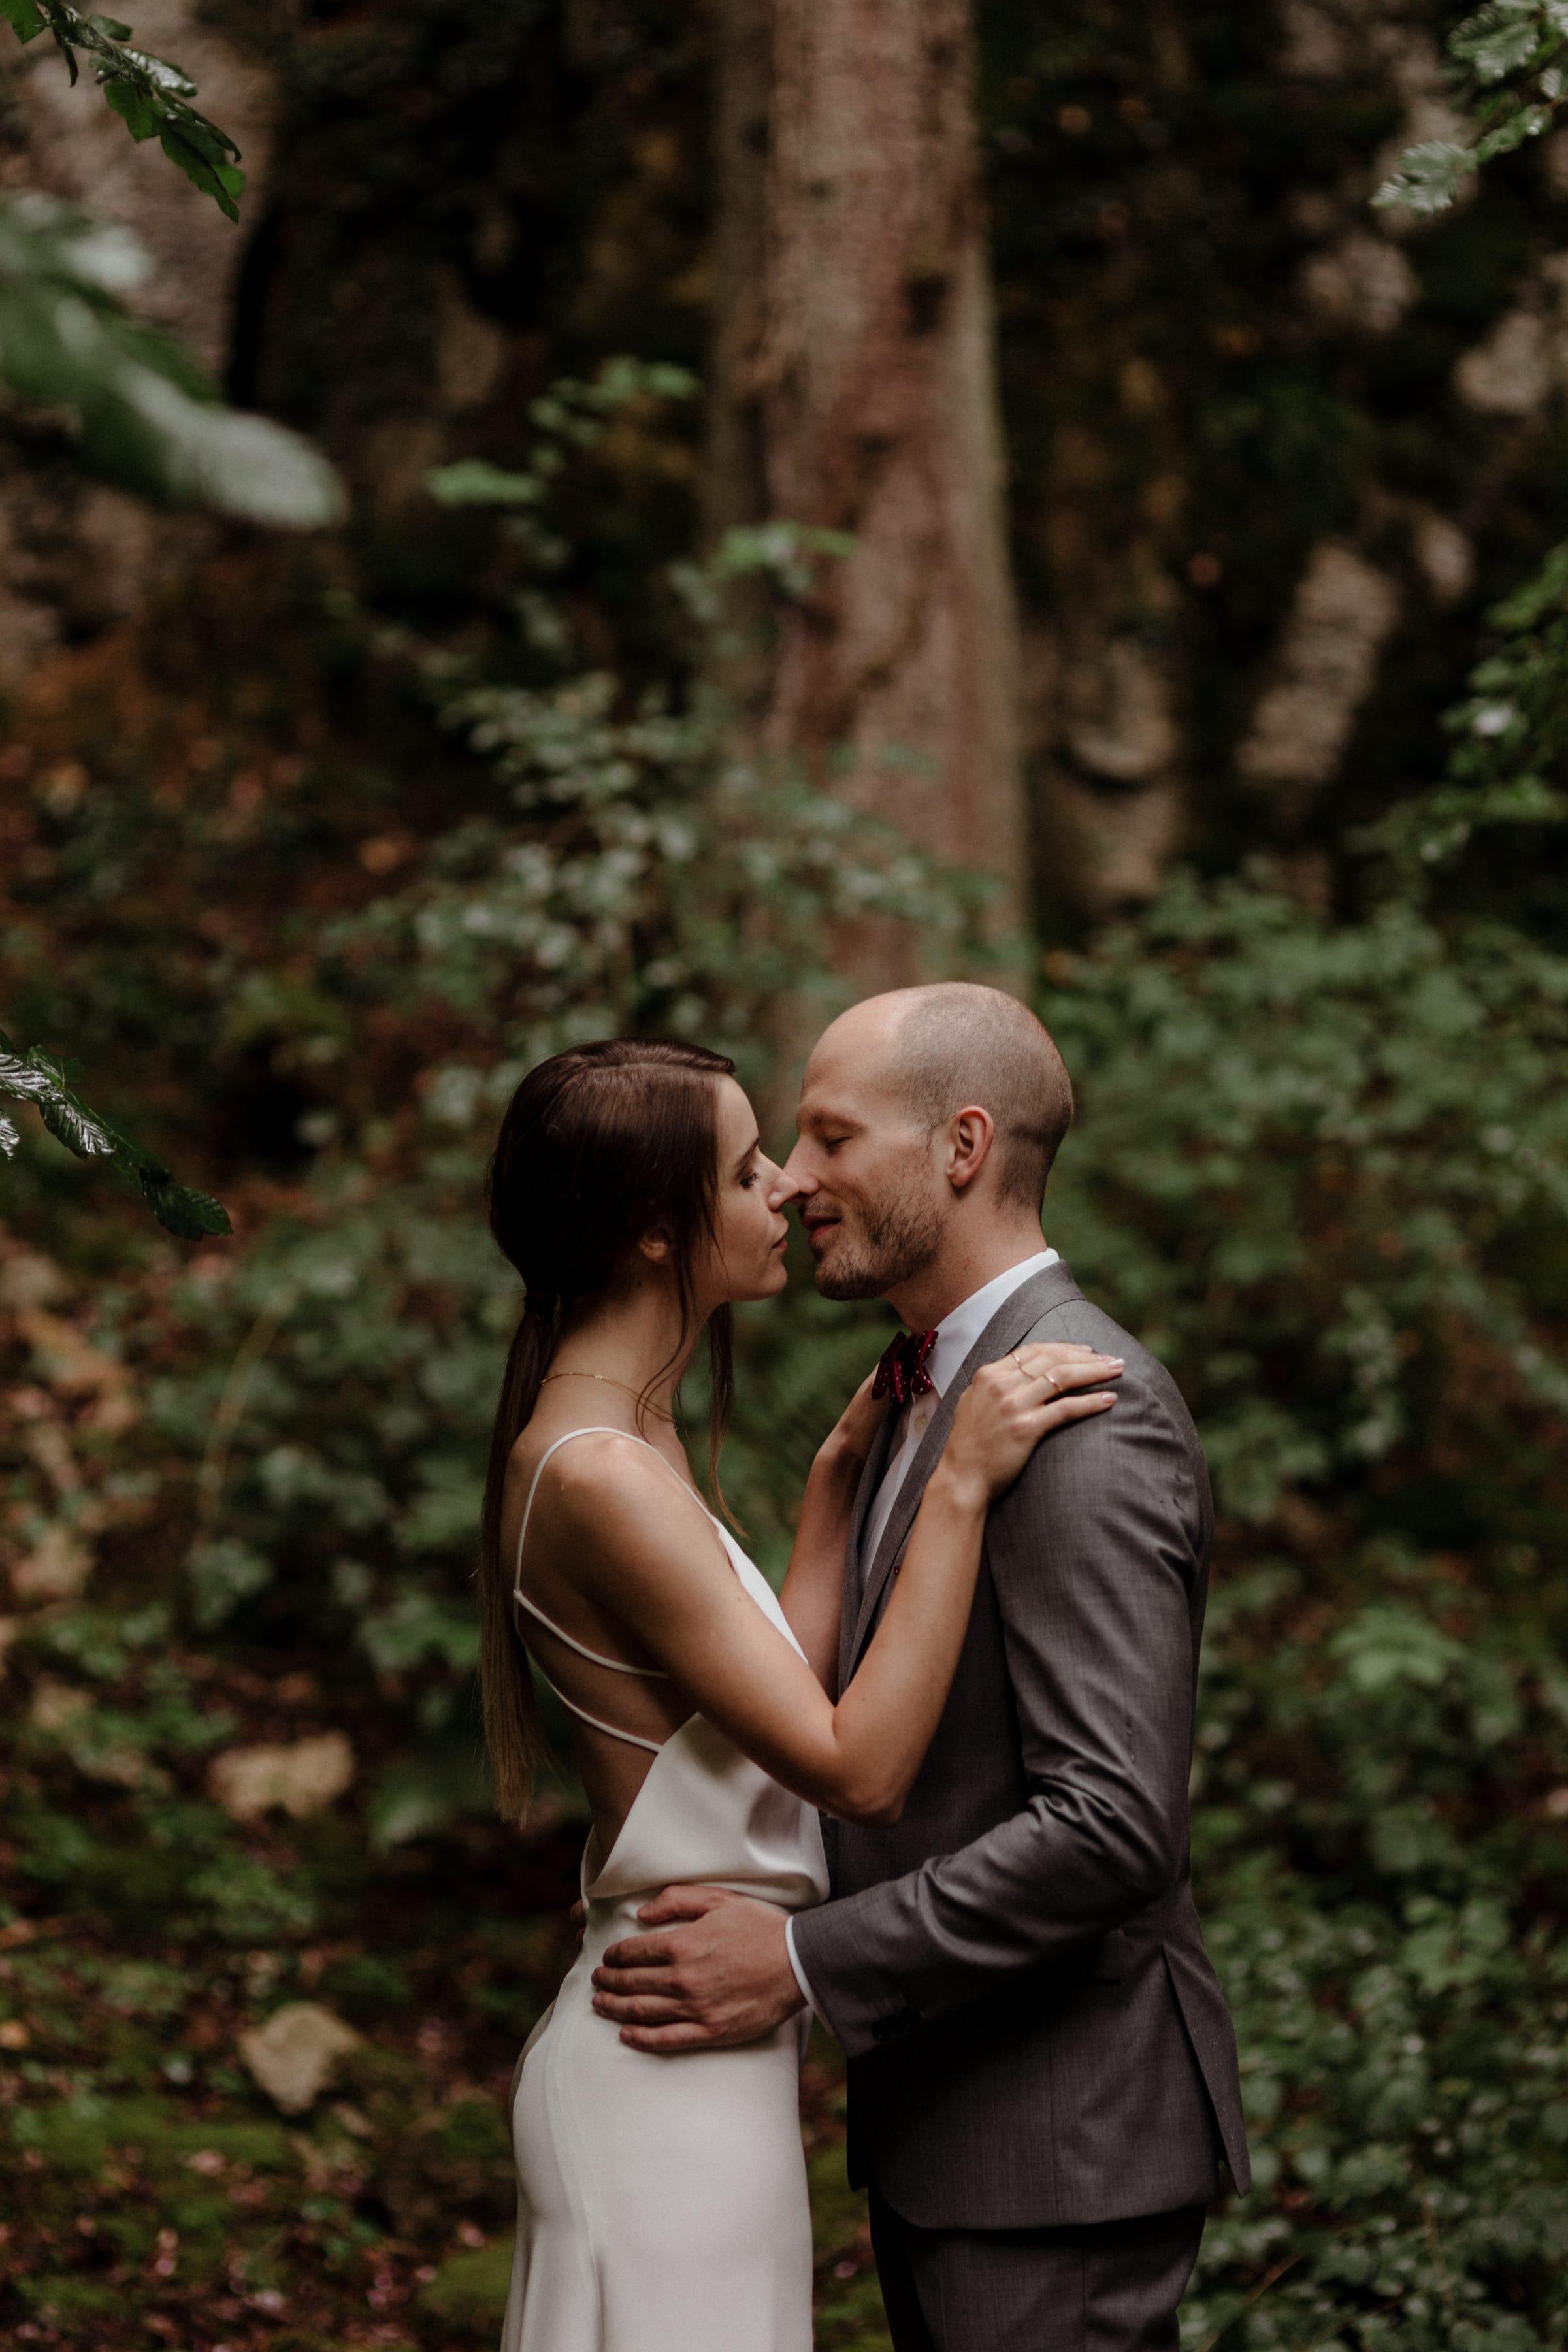 Capyture - Photographe de mariage - Alsace